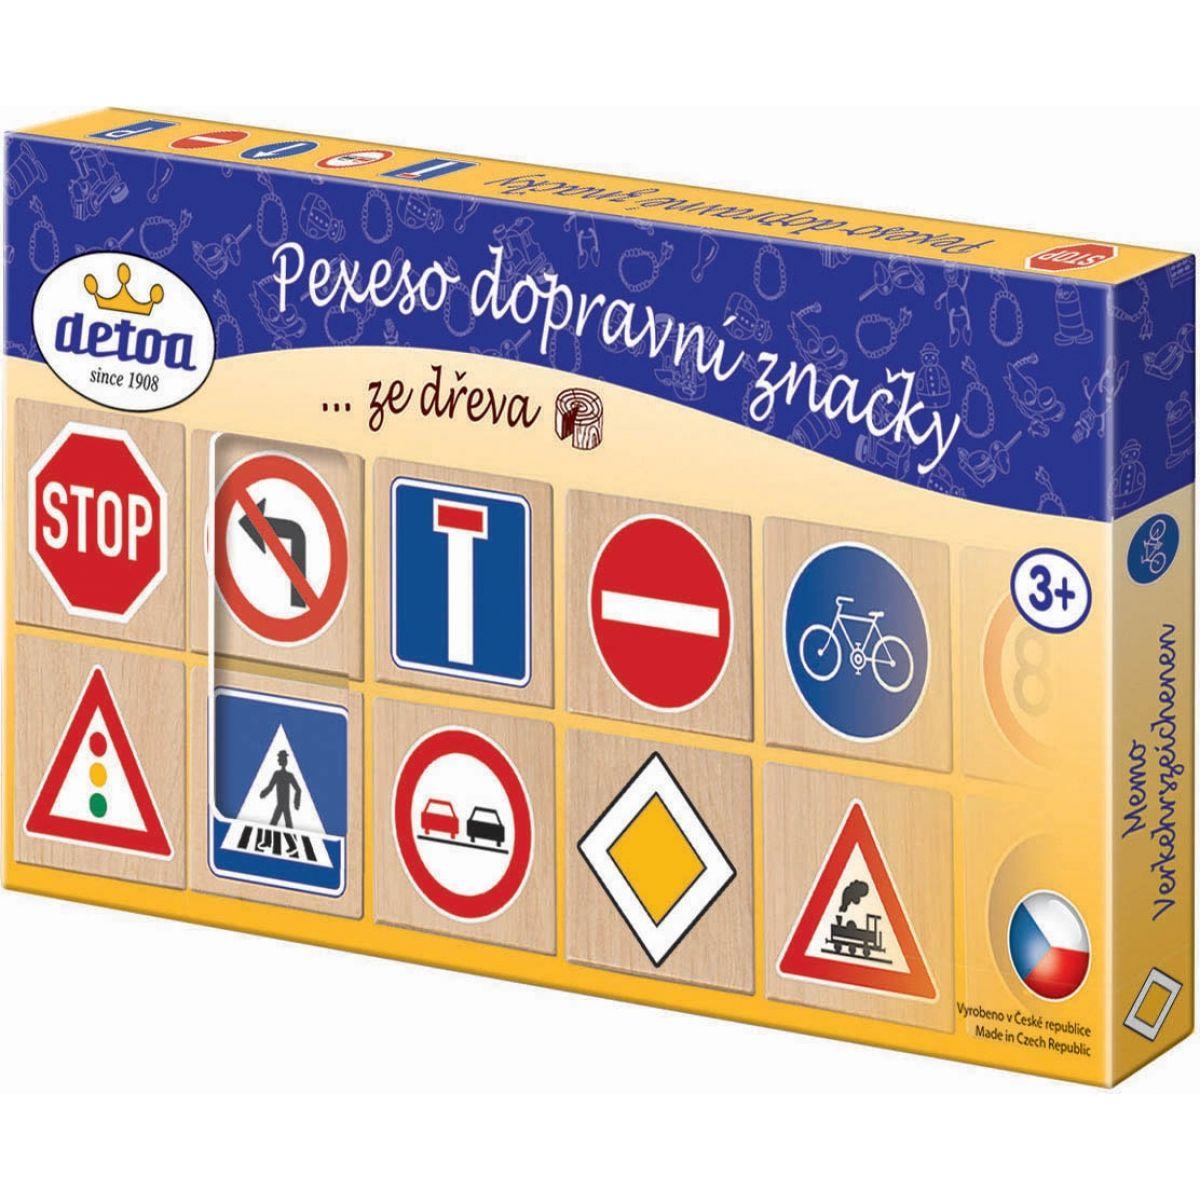 Detoa Pexeso: dopravné značky